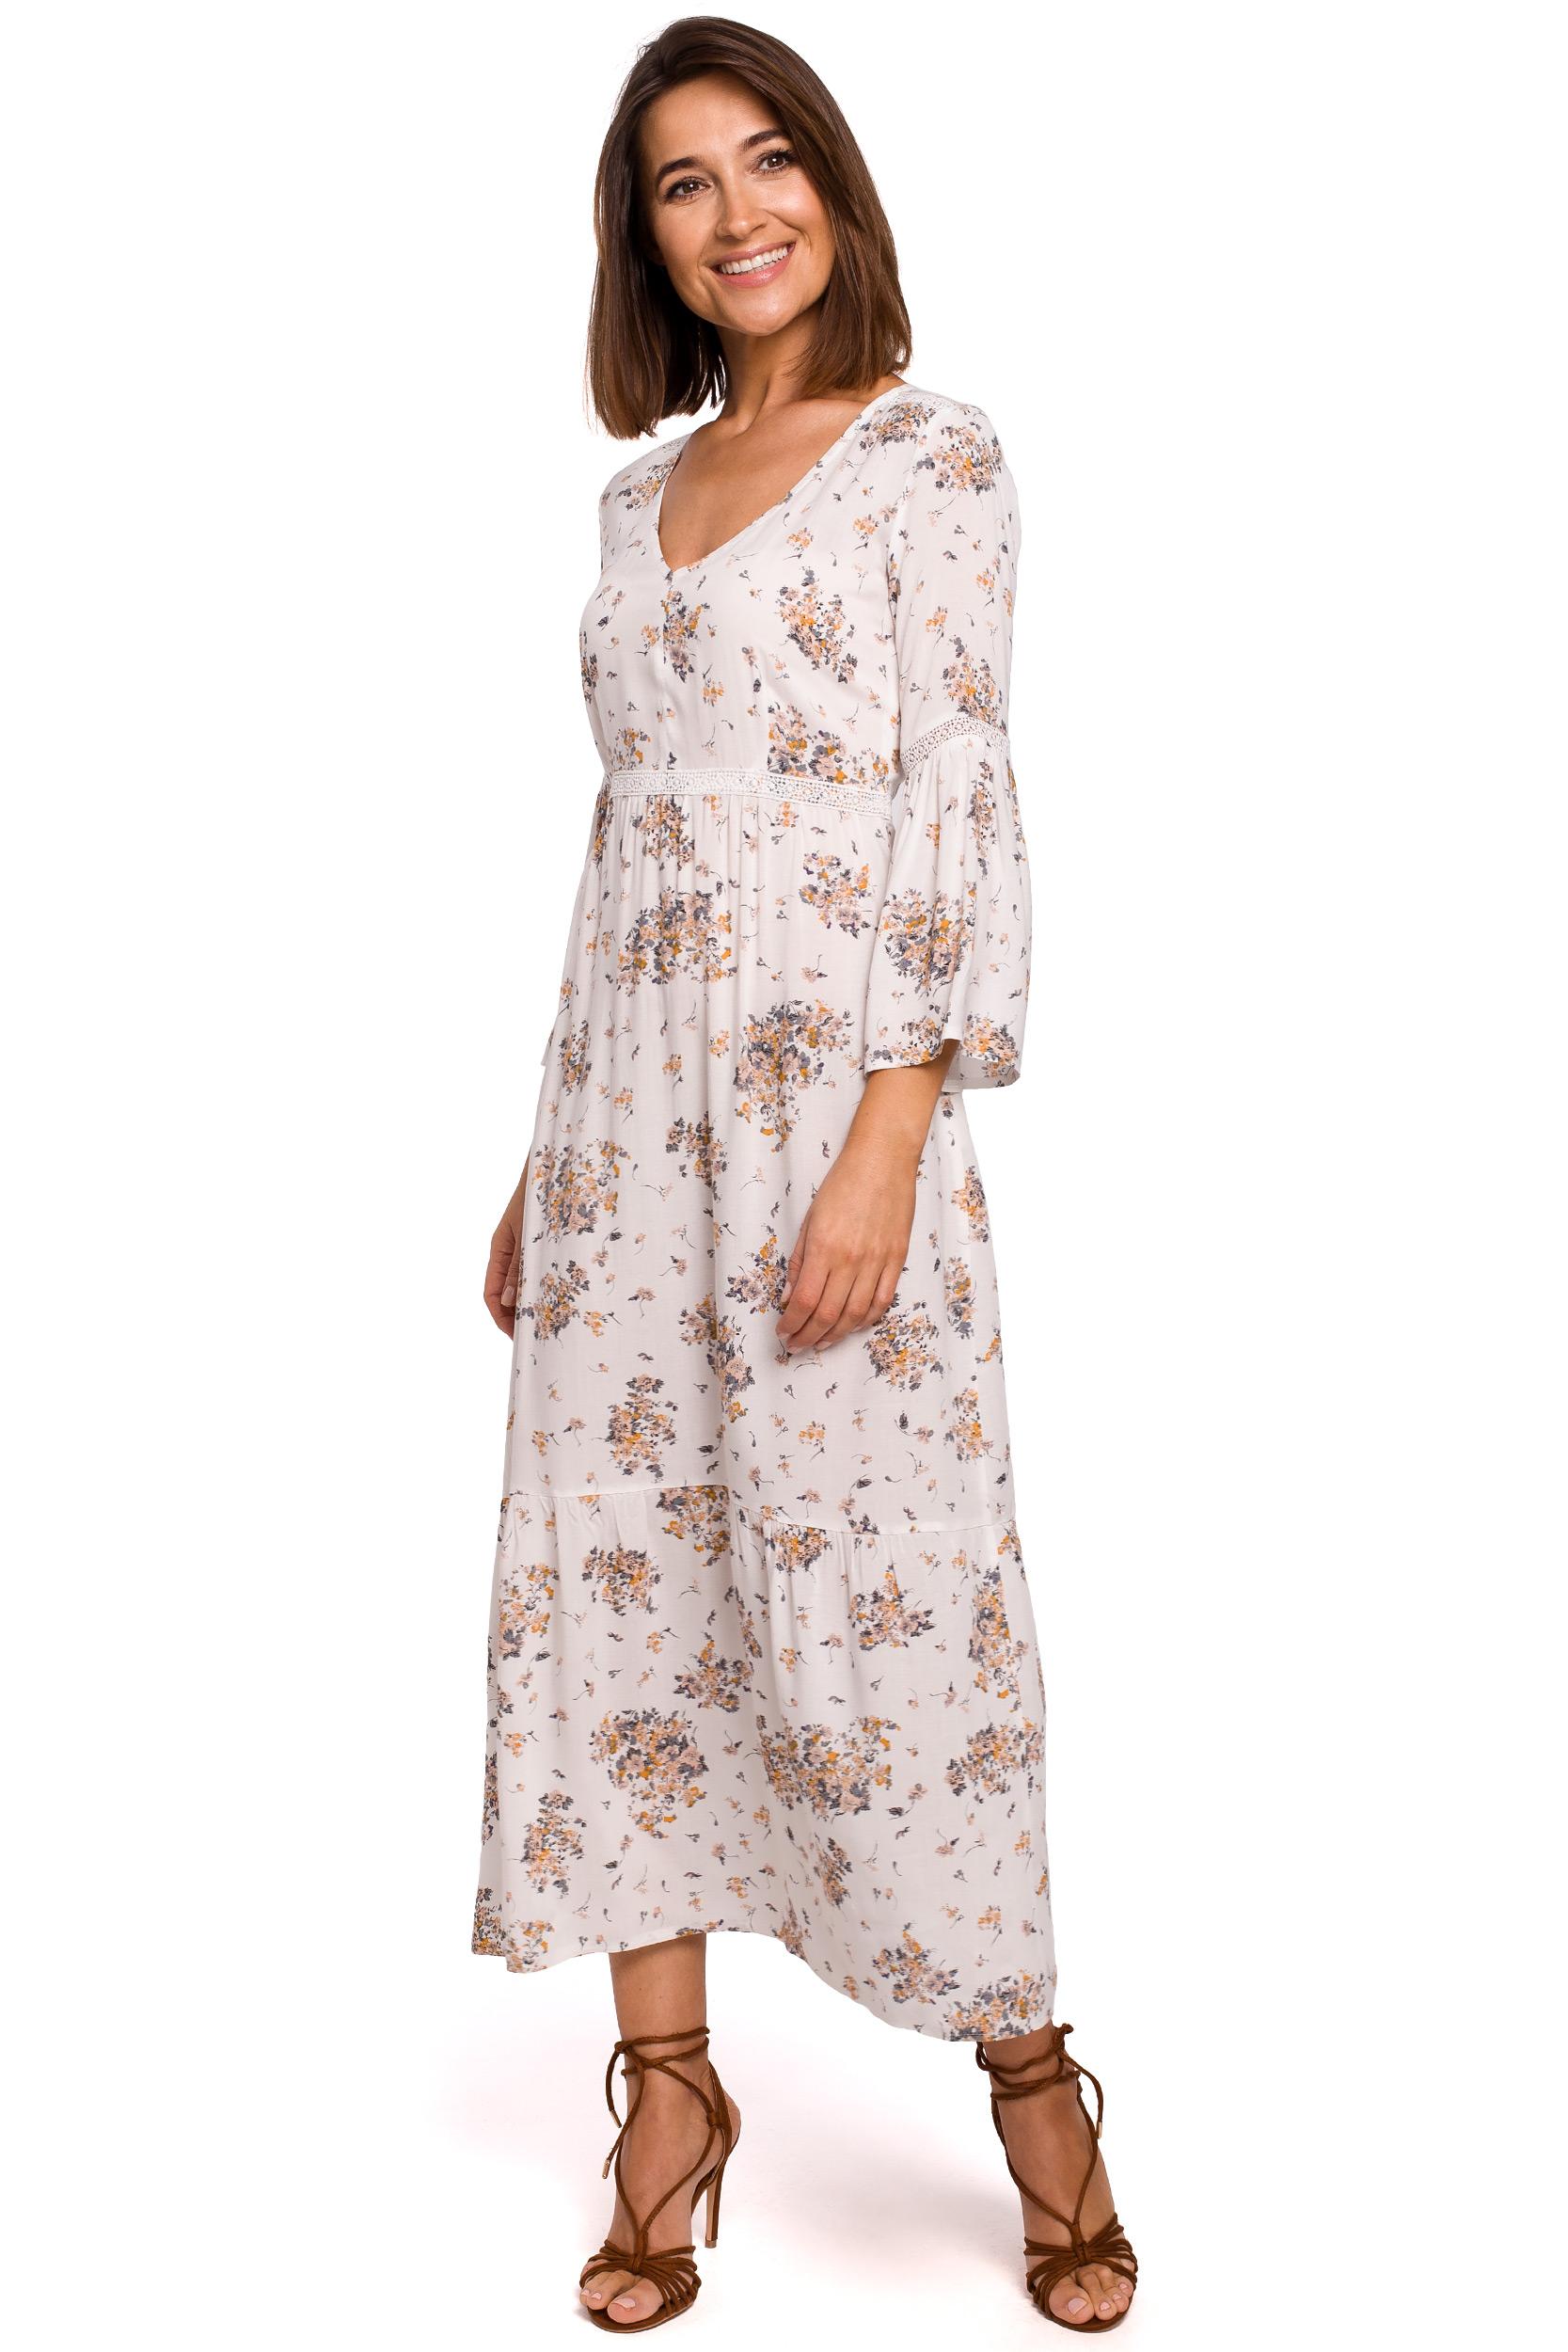 Blommig maxi-klänning med spets Vit